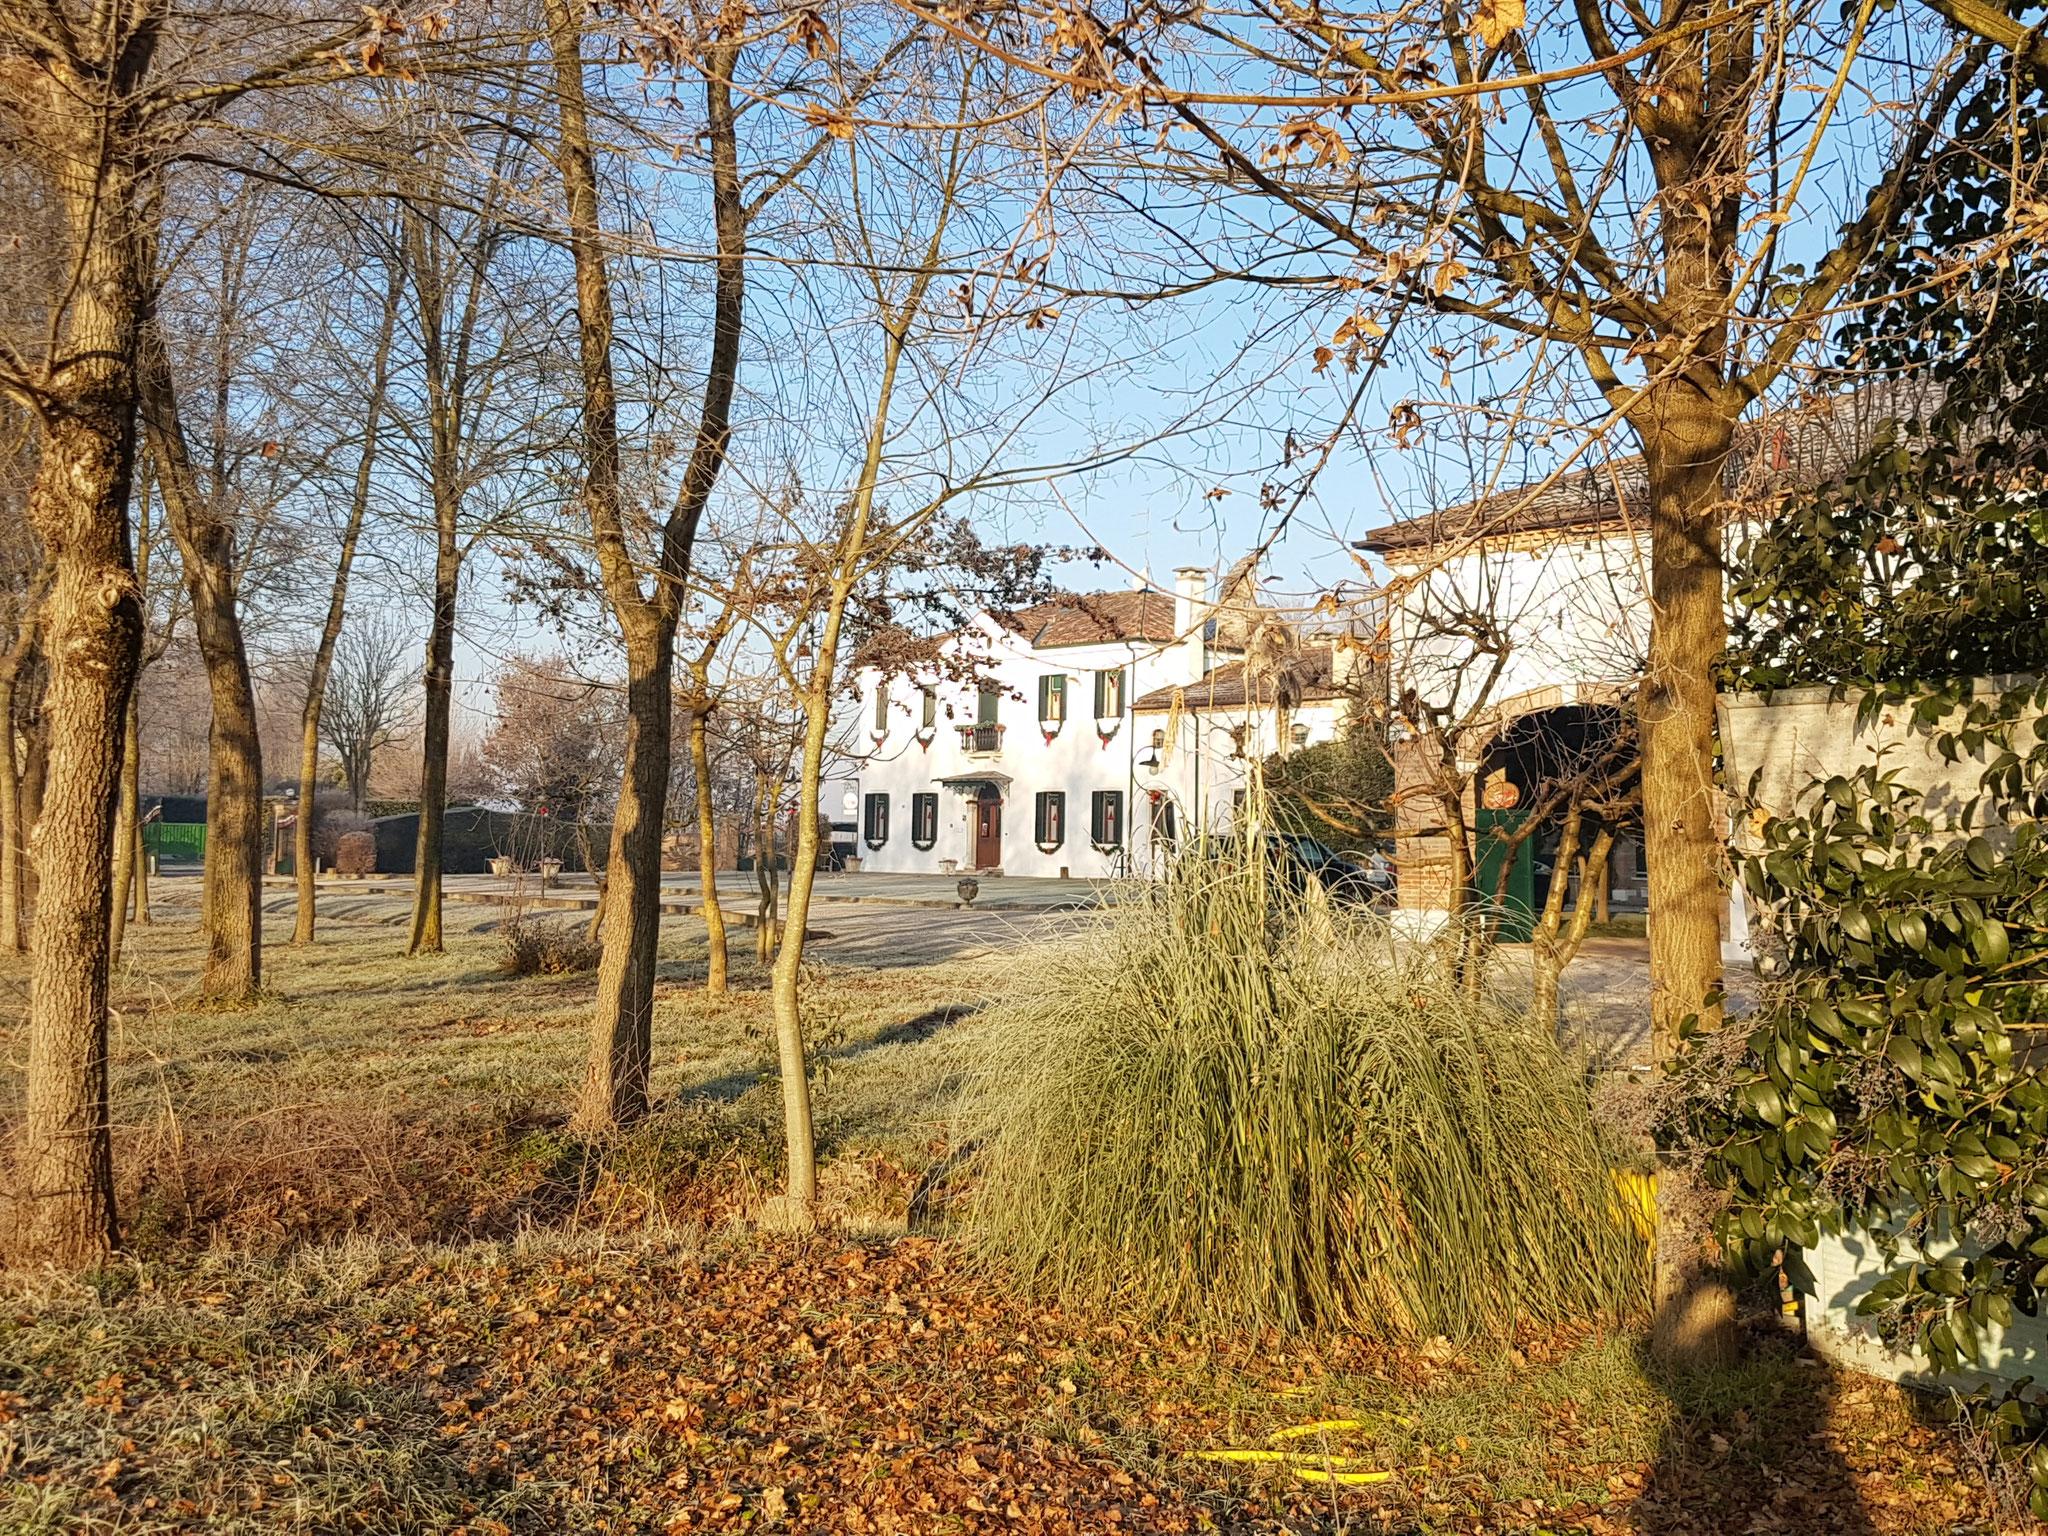 Villa Greggio - unsere Unterkunft für die Zeit in Italien